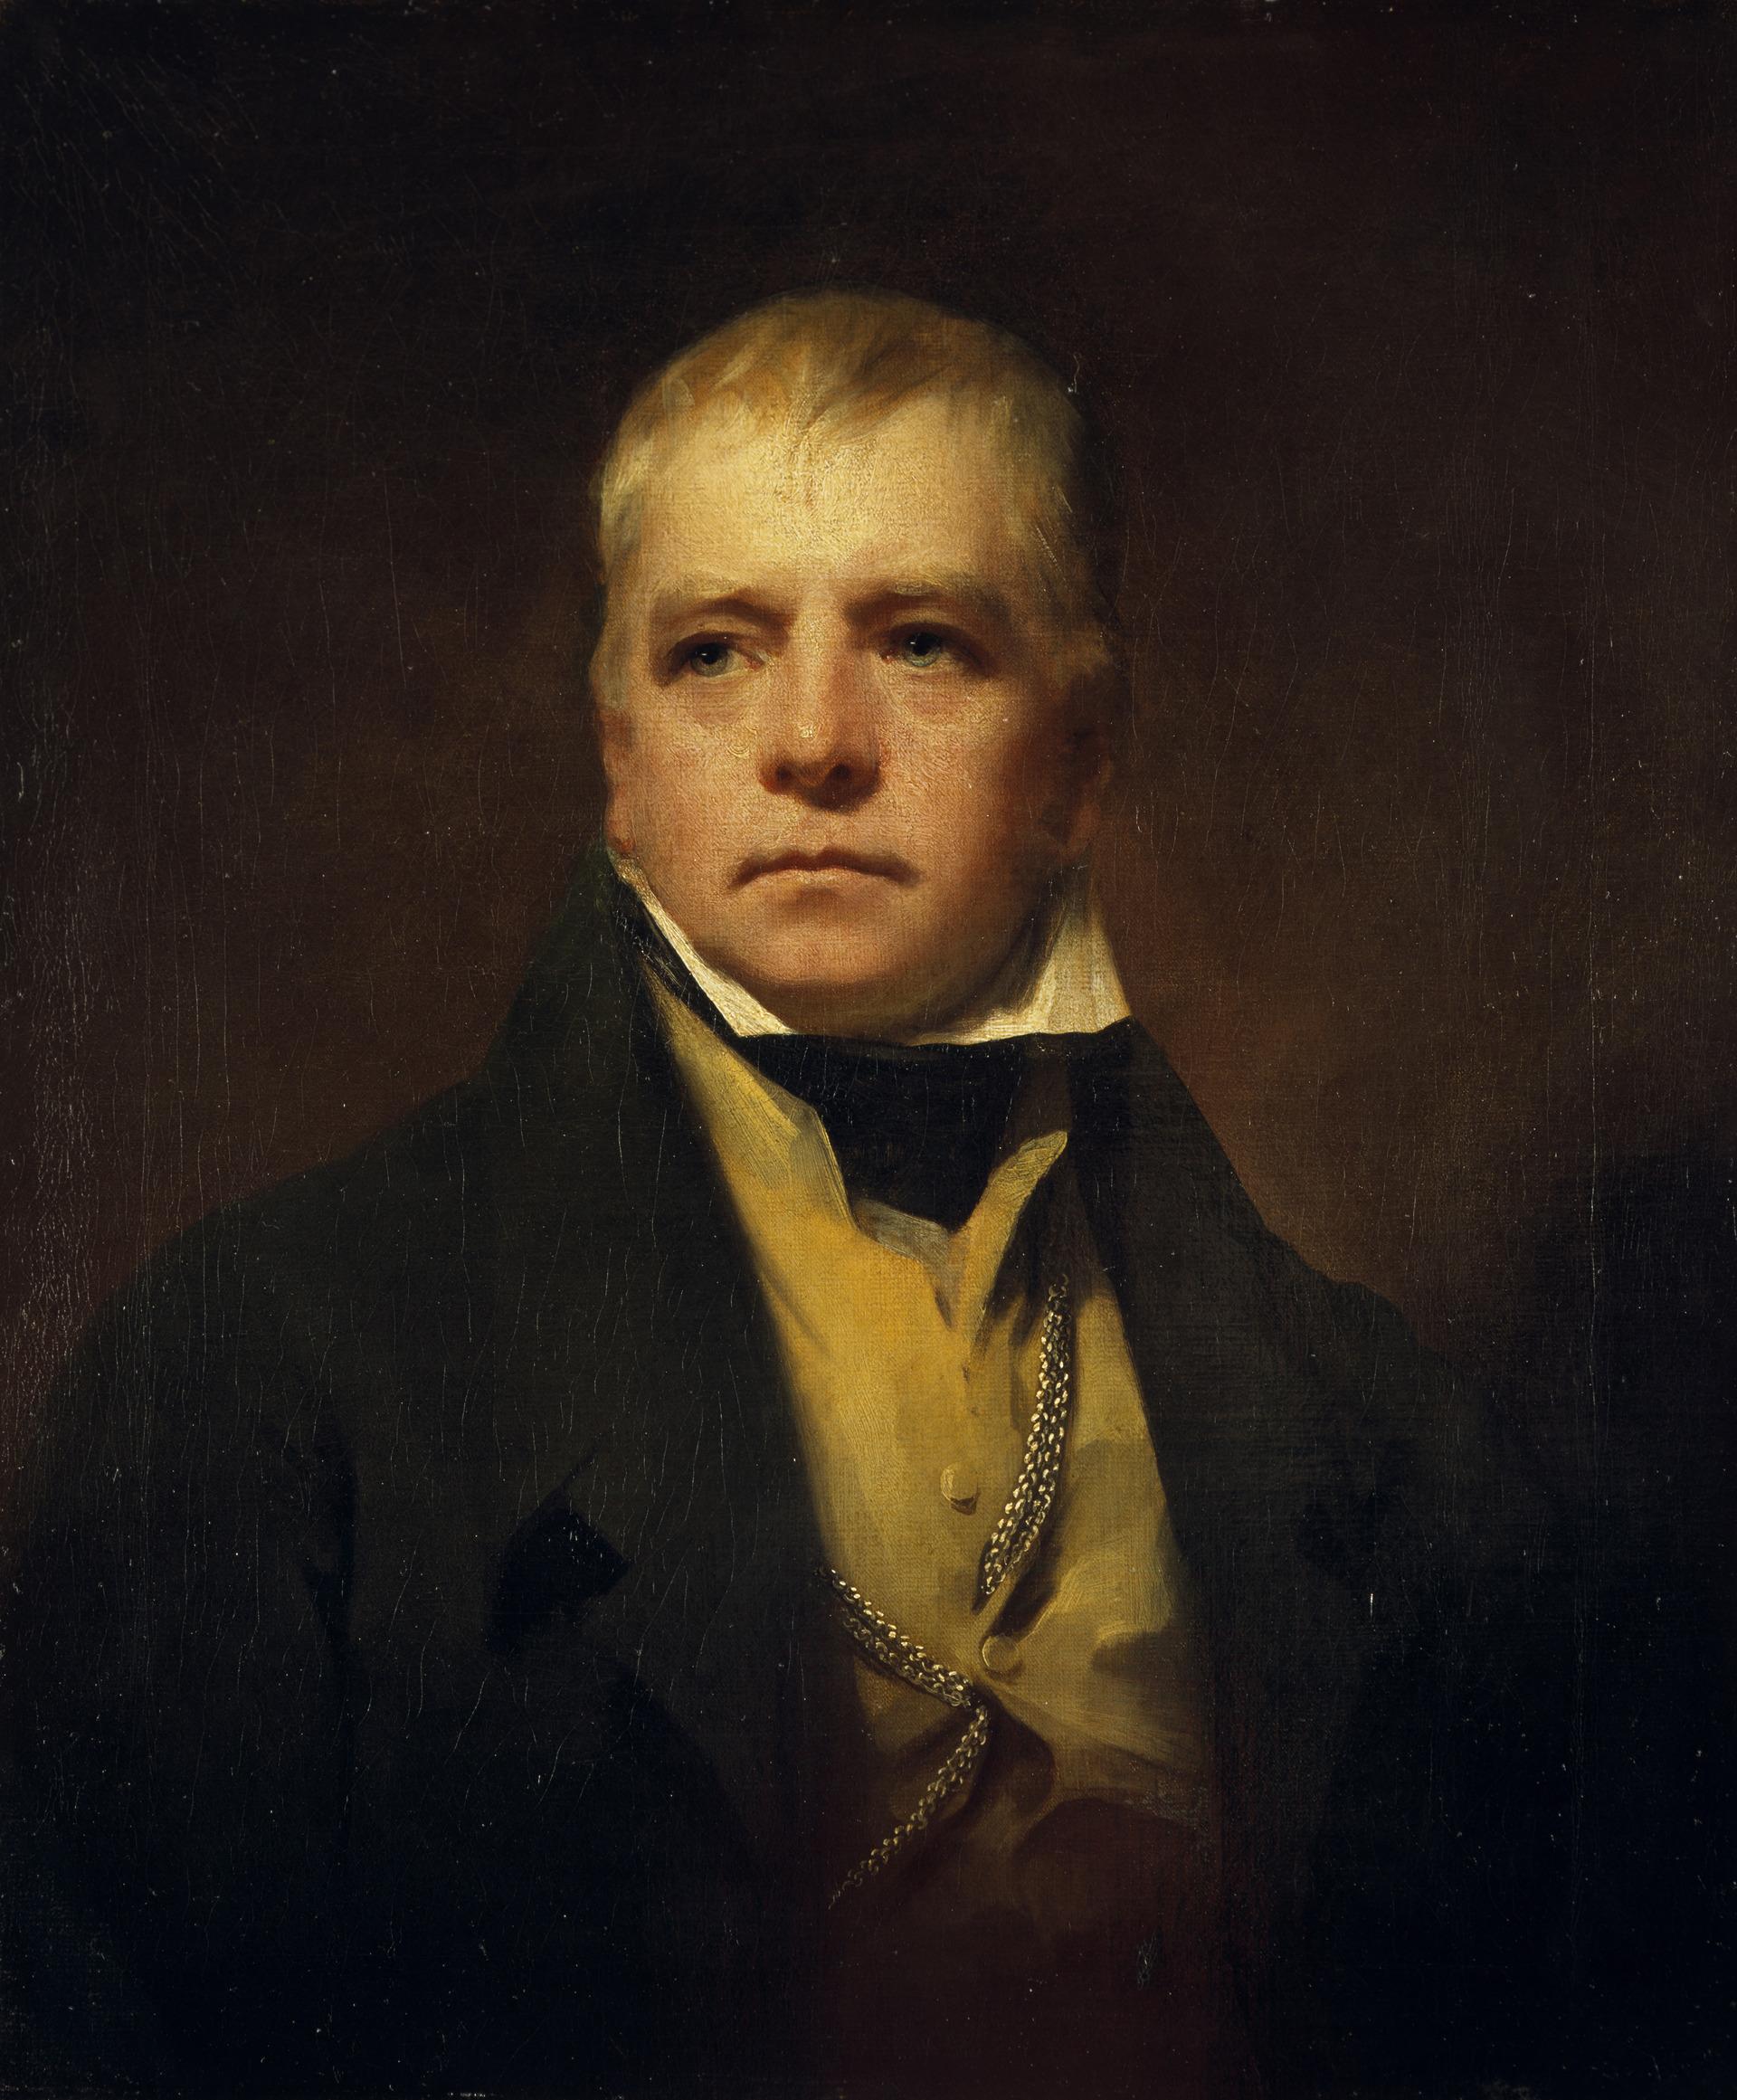 15 августа 1771 года родился Вальтер Скотт